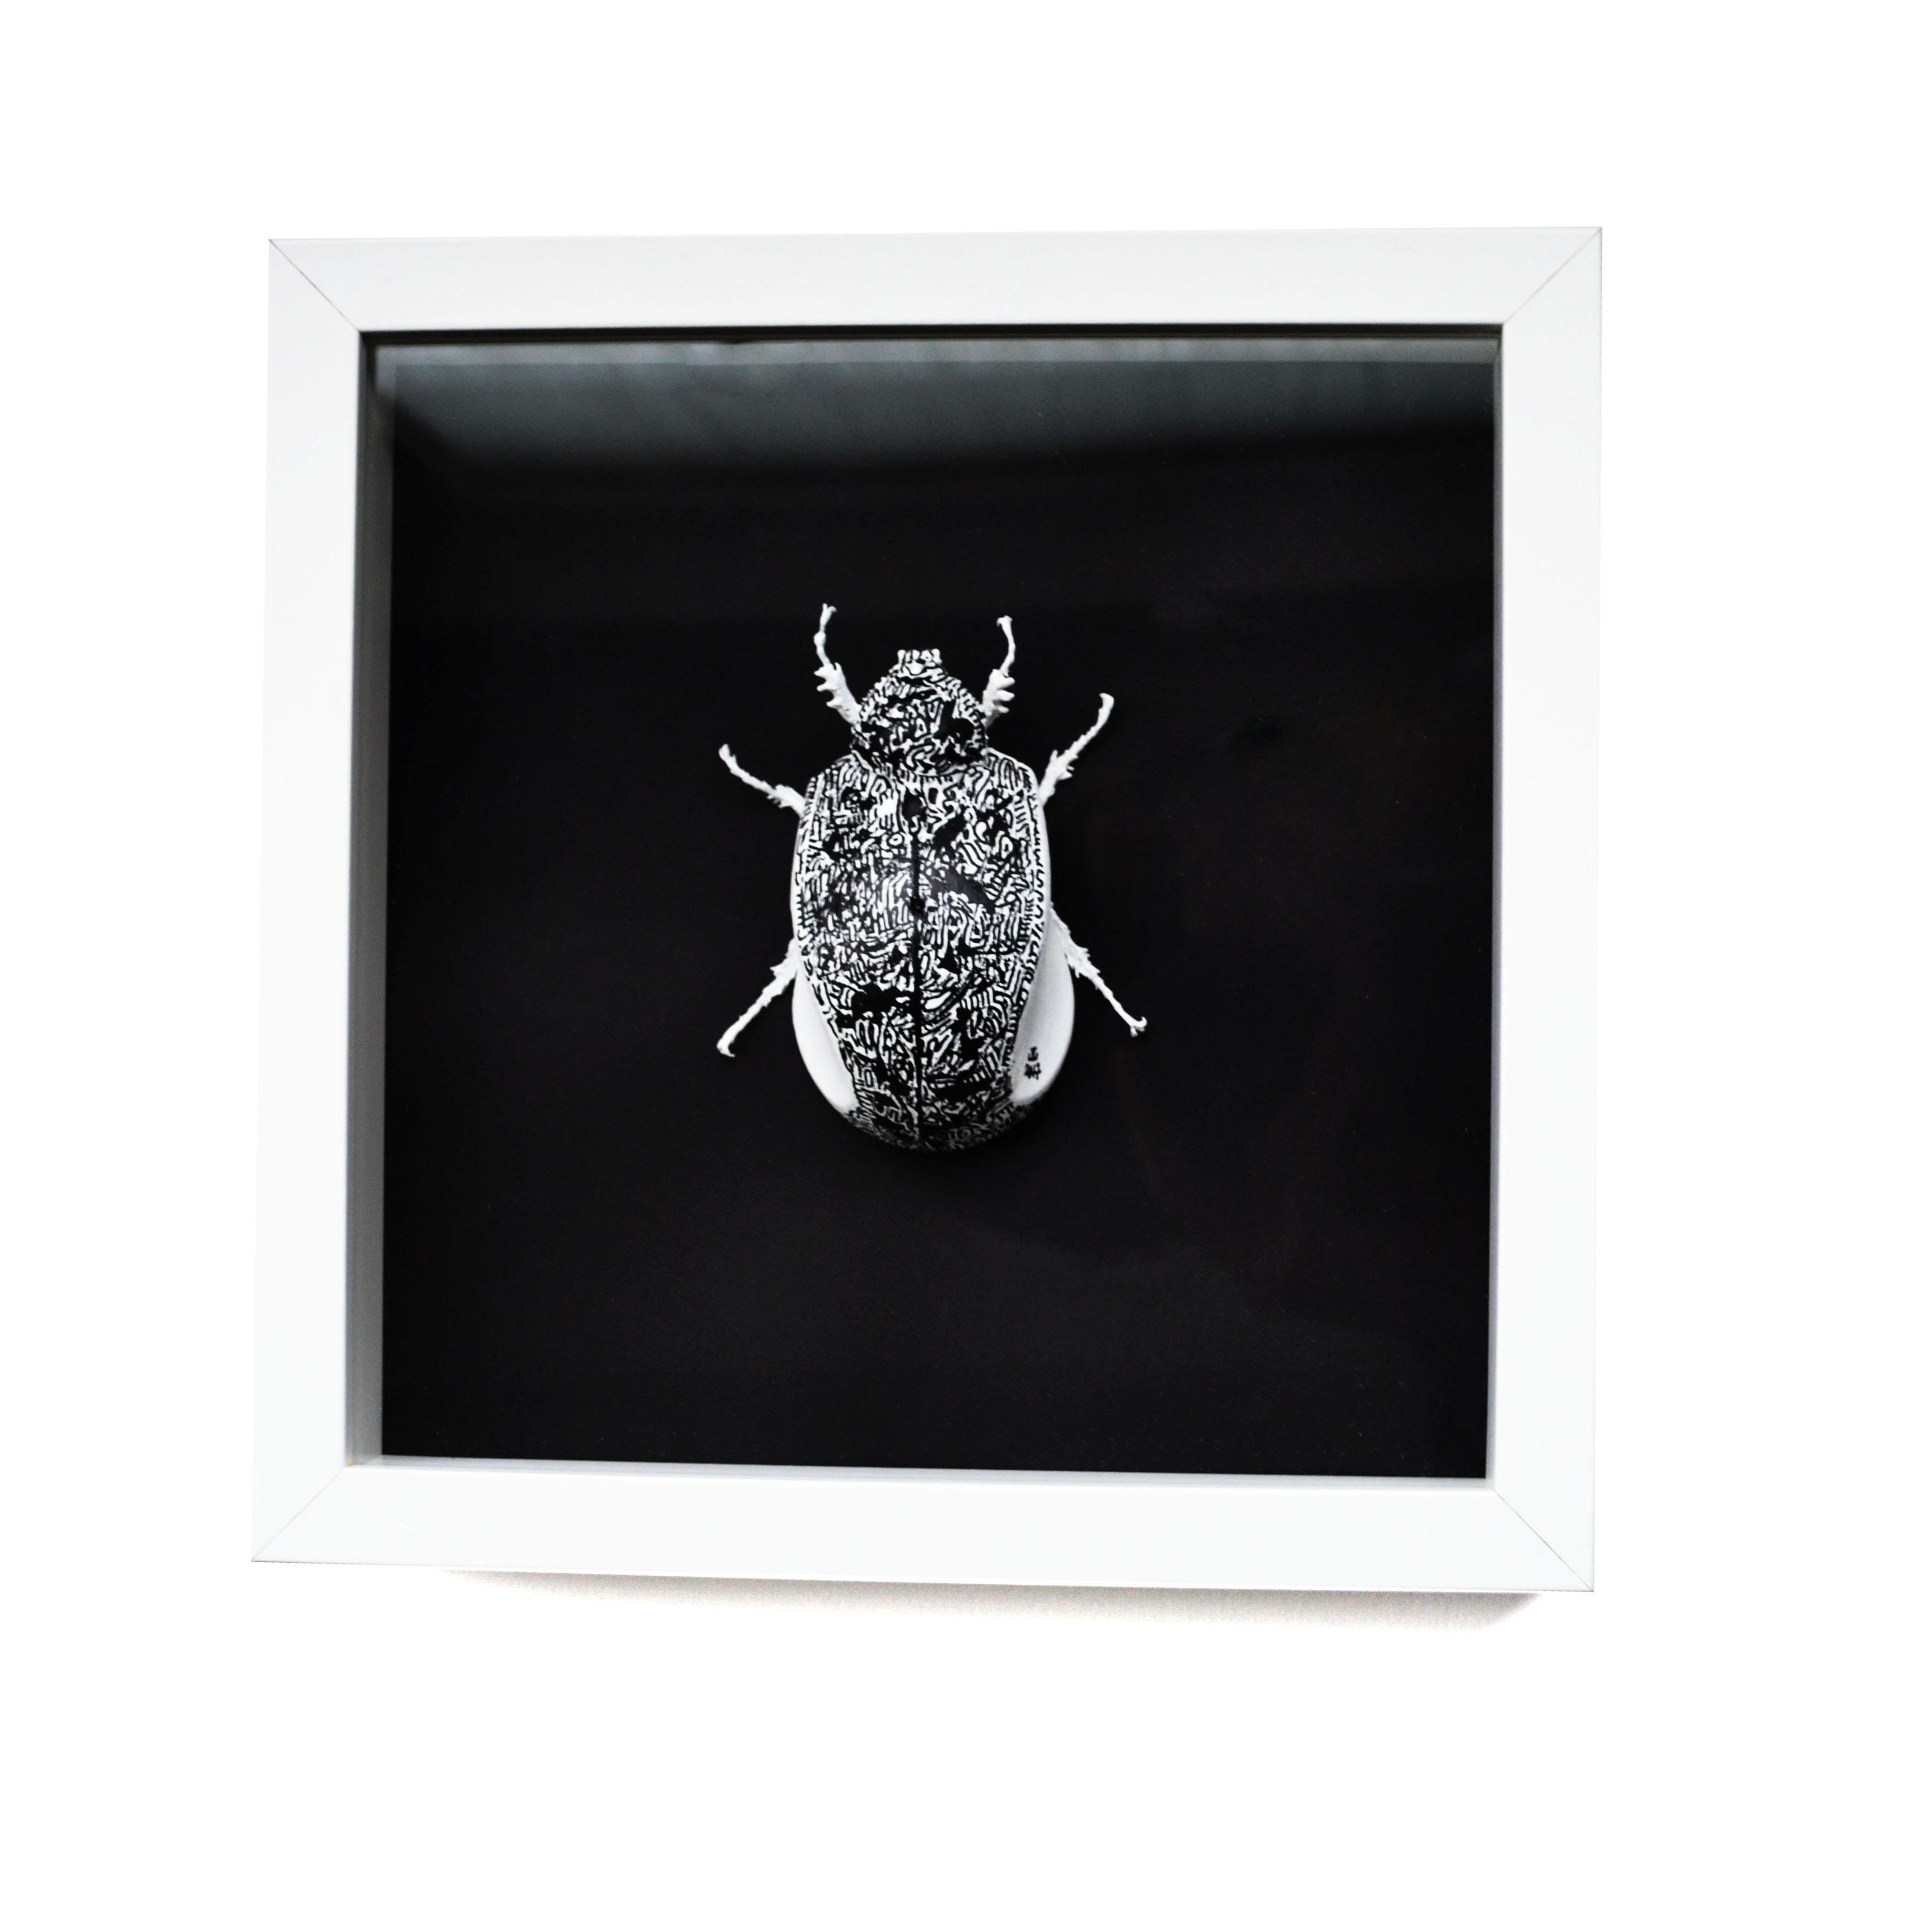 Mouse Bug 2/6 Gen I (UNIQUE PIECE)